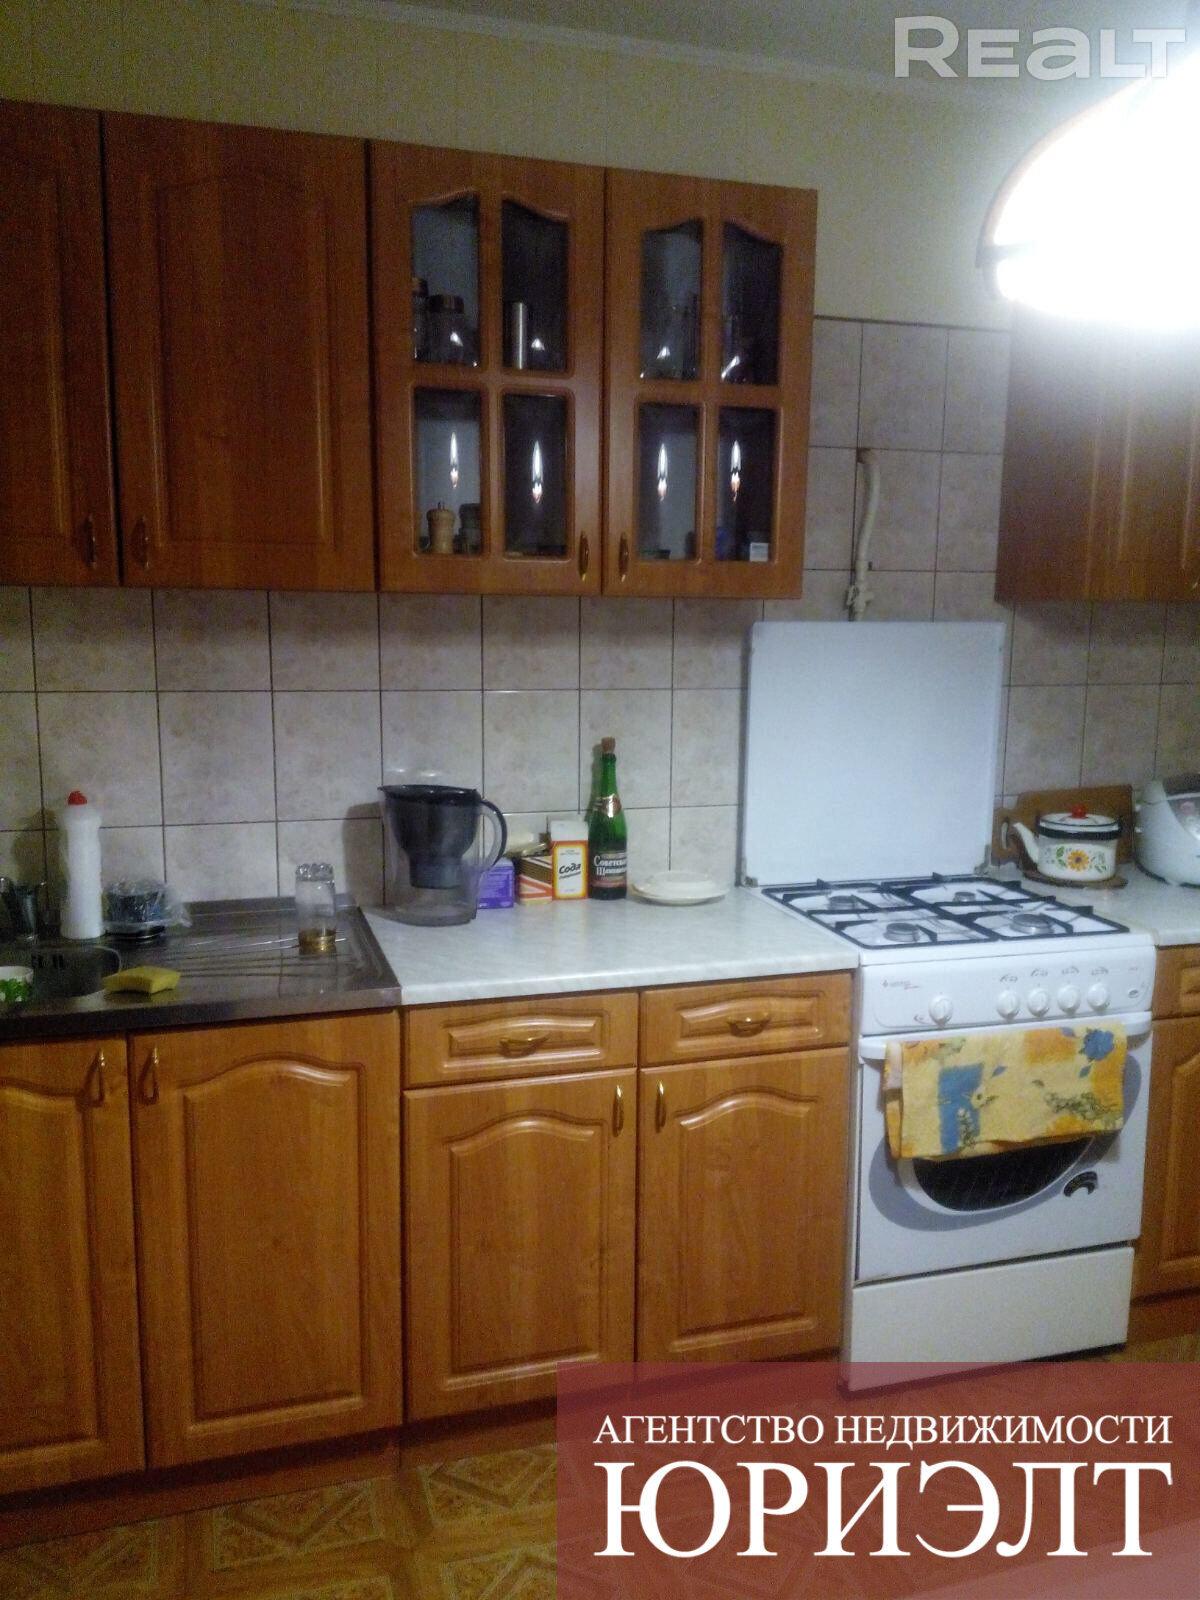 Лот. 27621 1-комнатная квартира, пер. Заводской 3-й